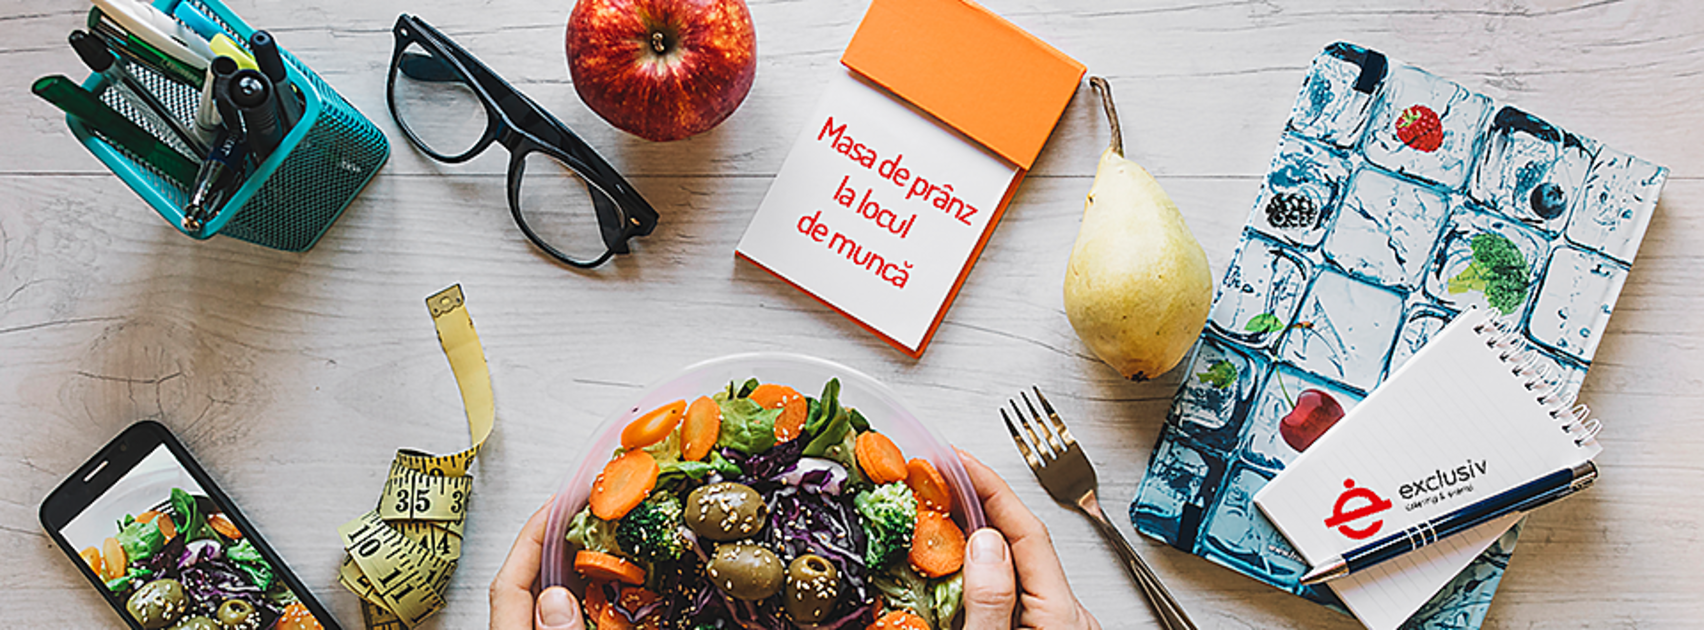 Exclusiv Catering & Events îți livrează masa de prânz acasă sau la birou